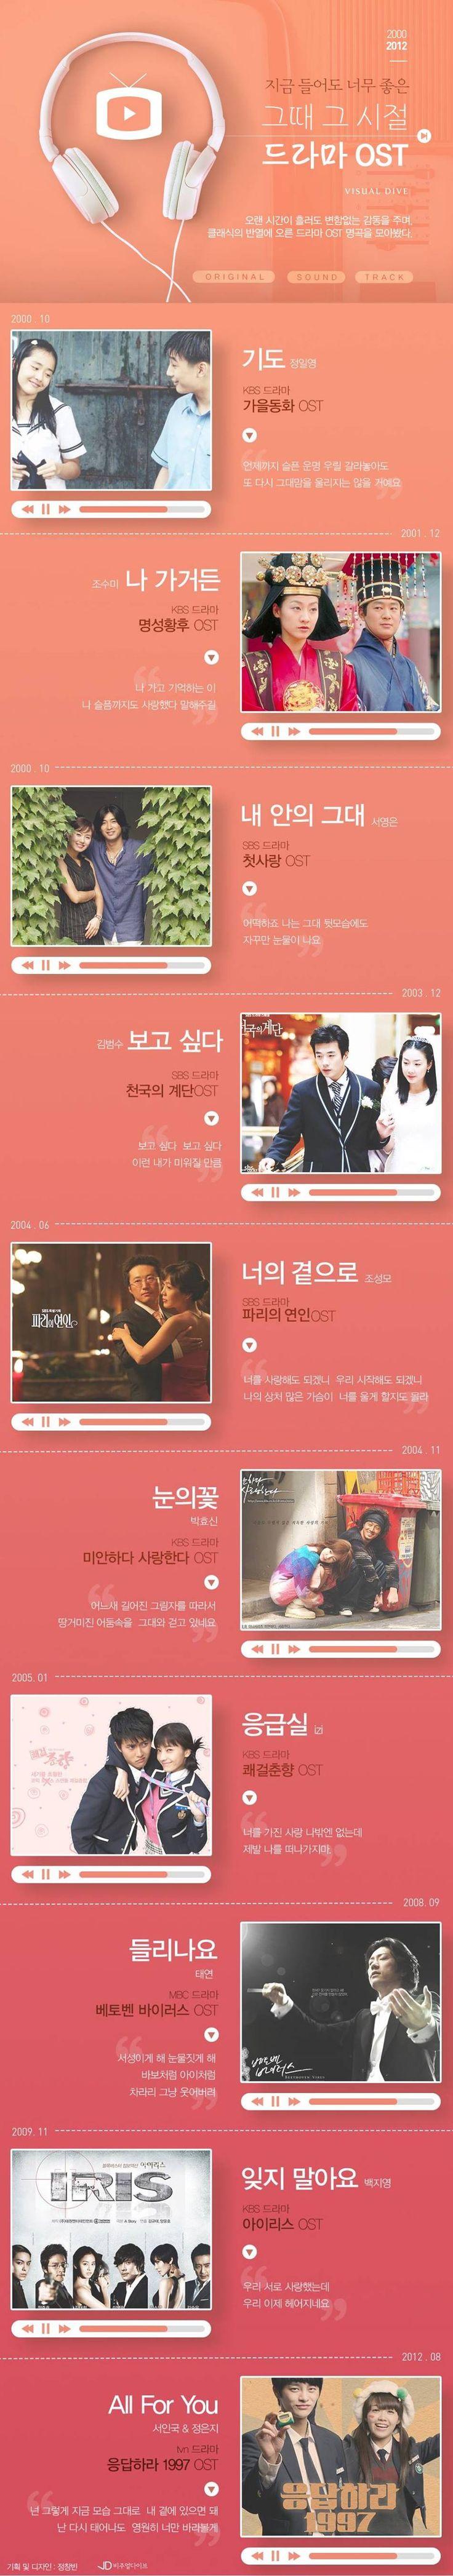 """""""지금 들어도 너무 좋은"""" 그때 그시절 드라마 OST [카드뉴스] #OST #MUSIC / #cardnews ⓒ 비주얼다이브 무단 복사·전재·재배포 금지"""